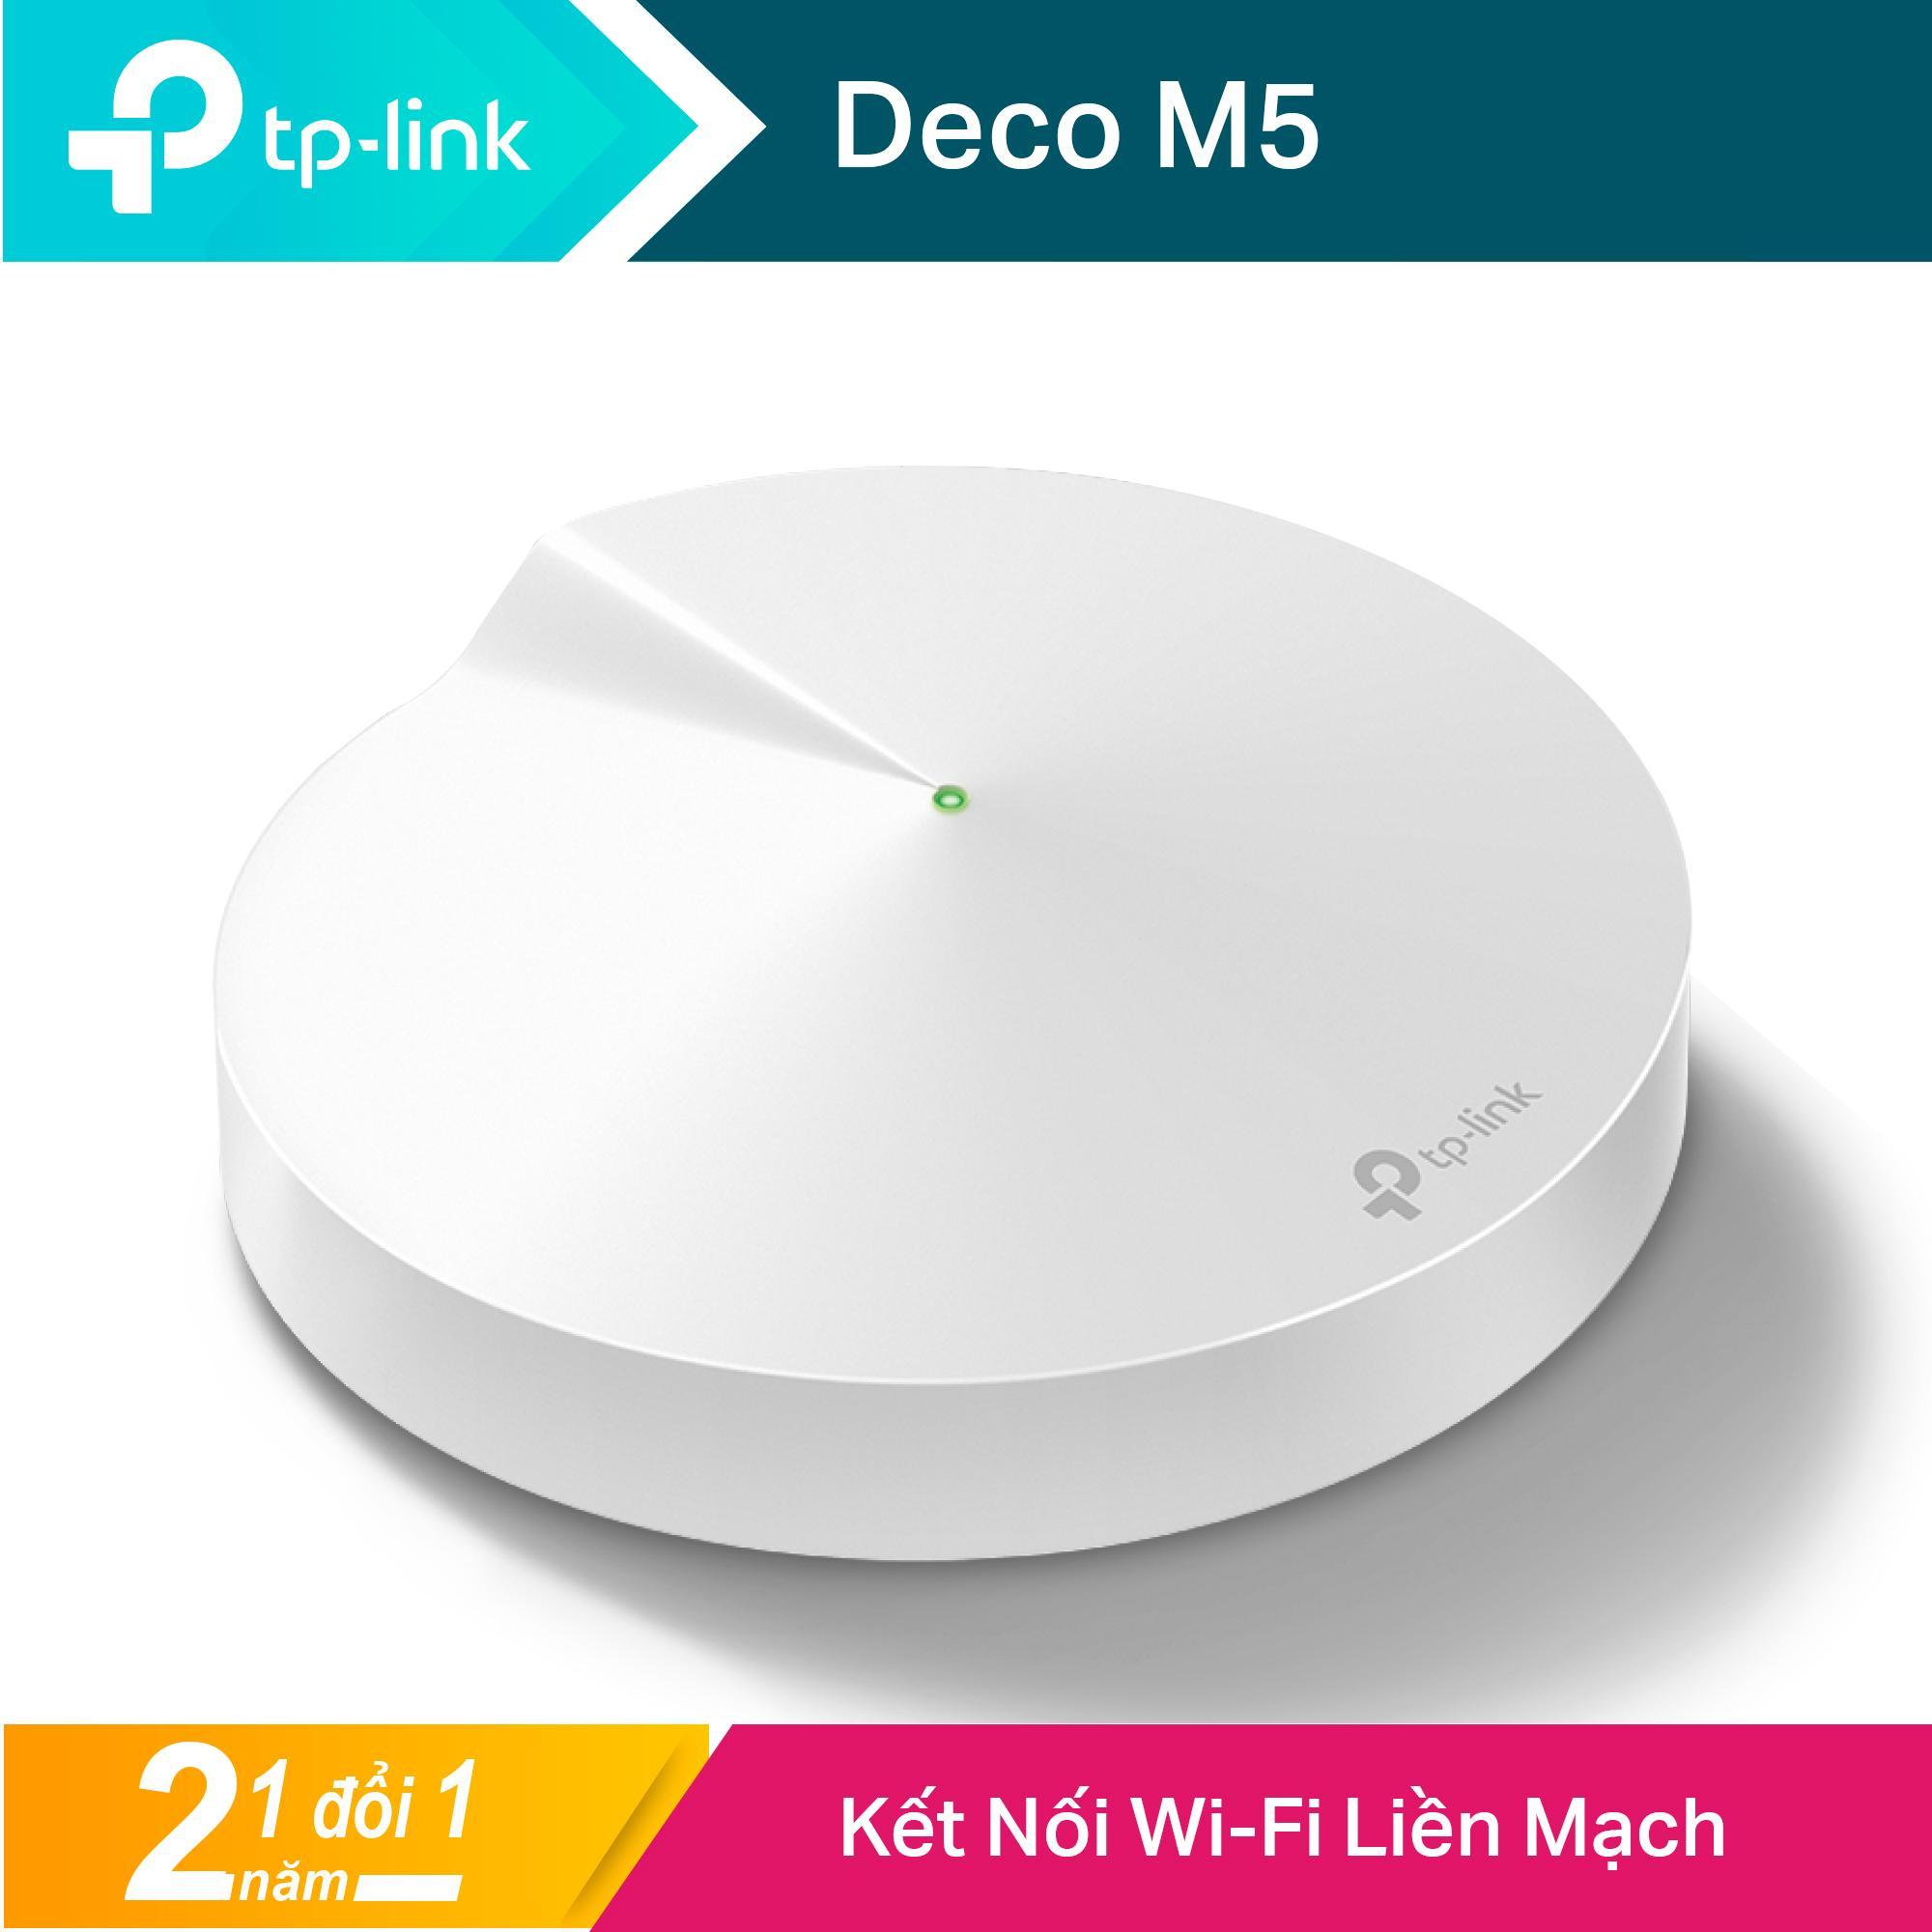 Bộ Phát Wifi Mesh TP-Link Deco M5 AC1300 MU-MIMO